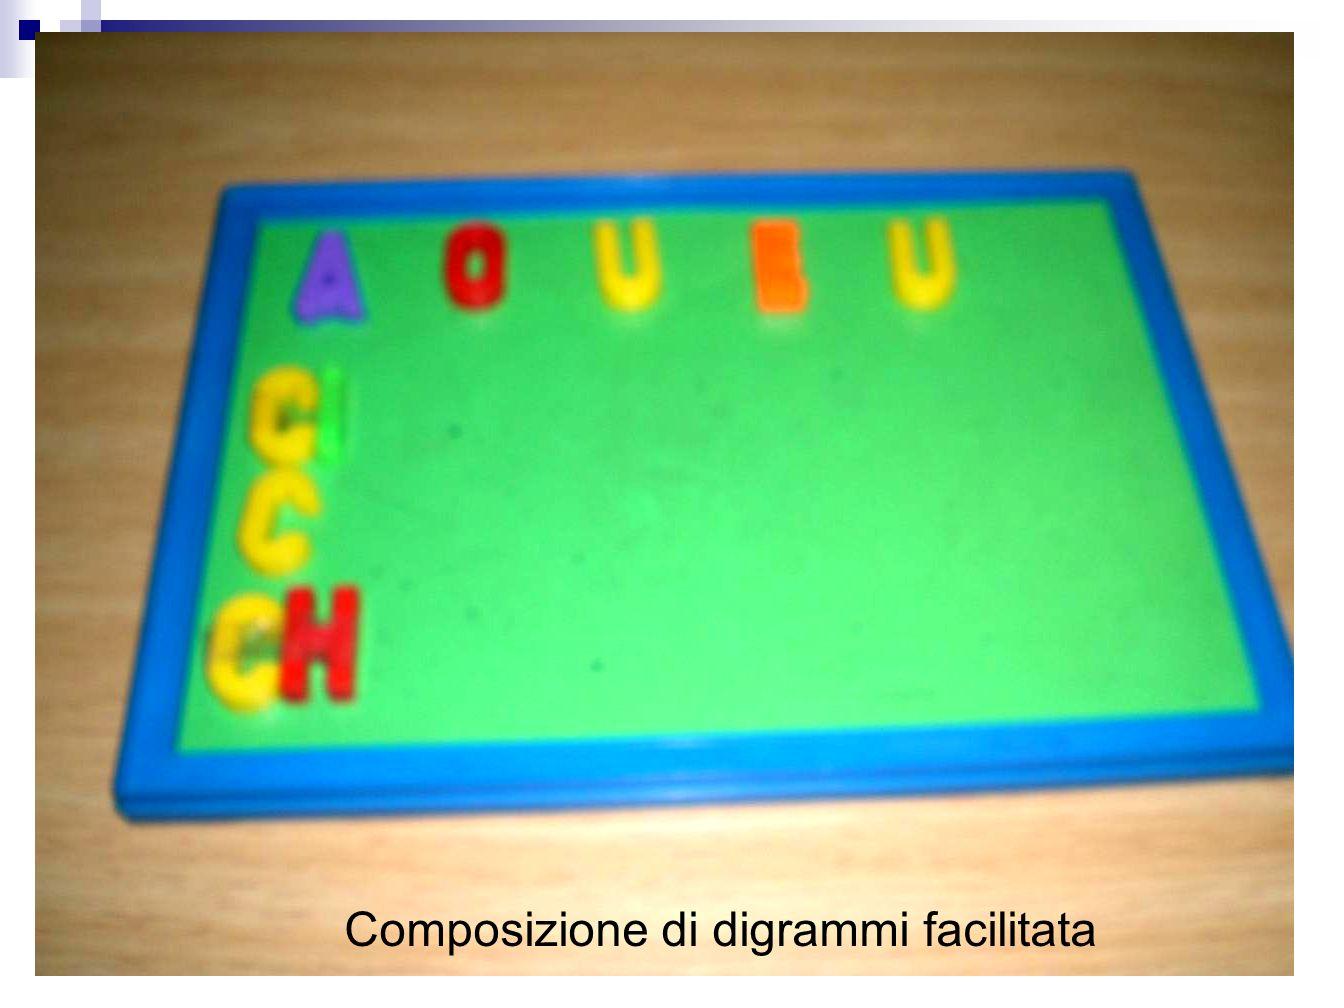 Composizione di digrammi facilitata